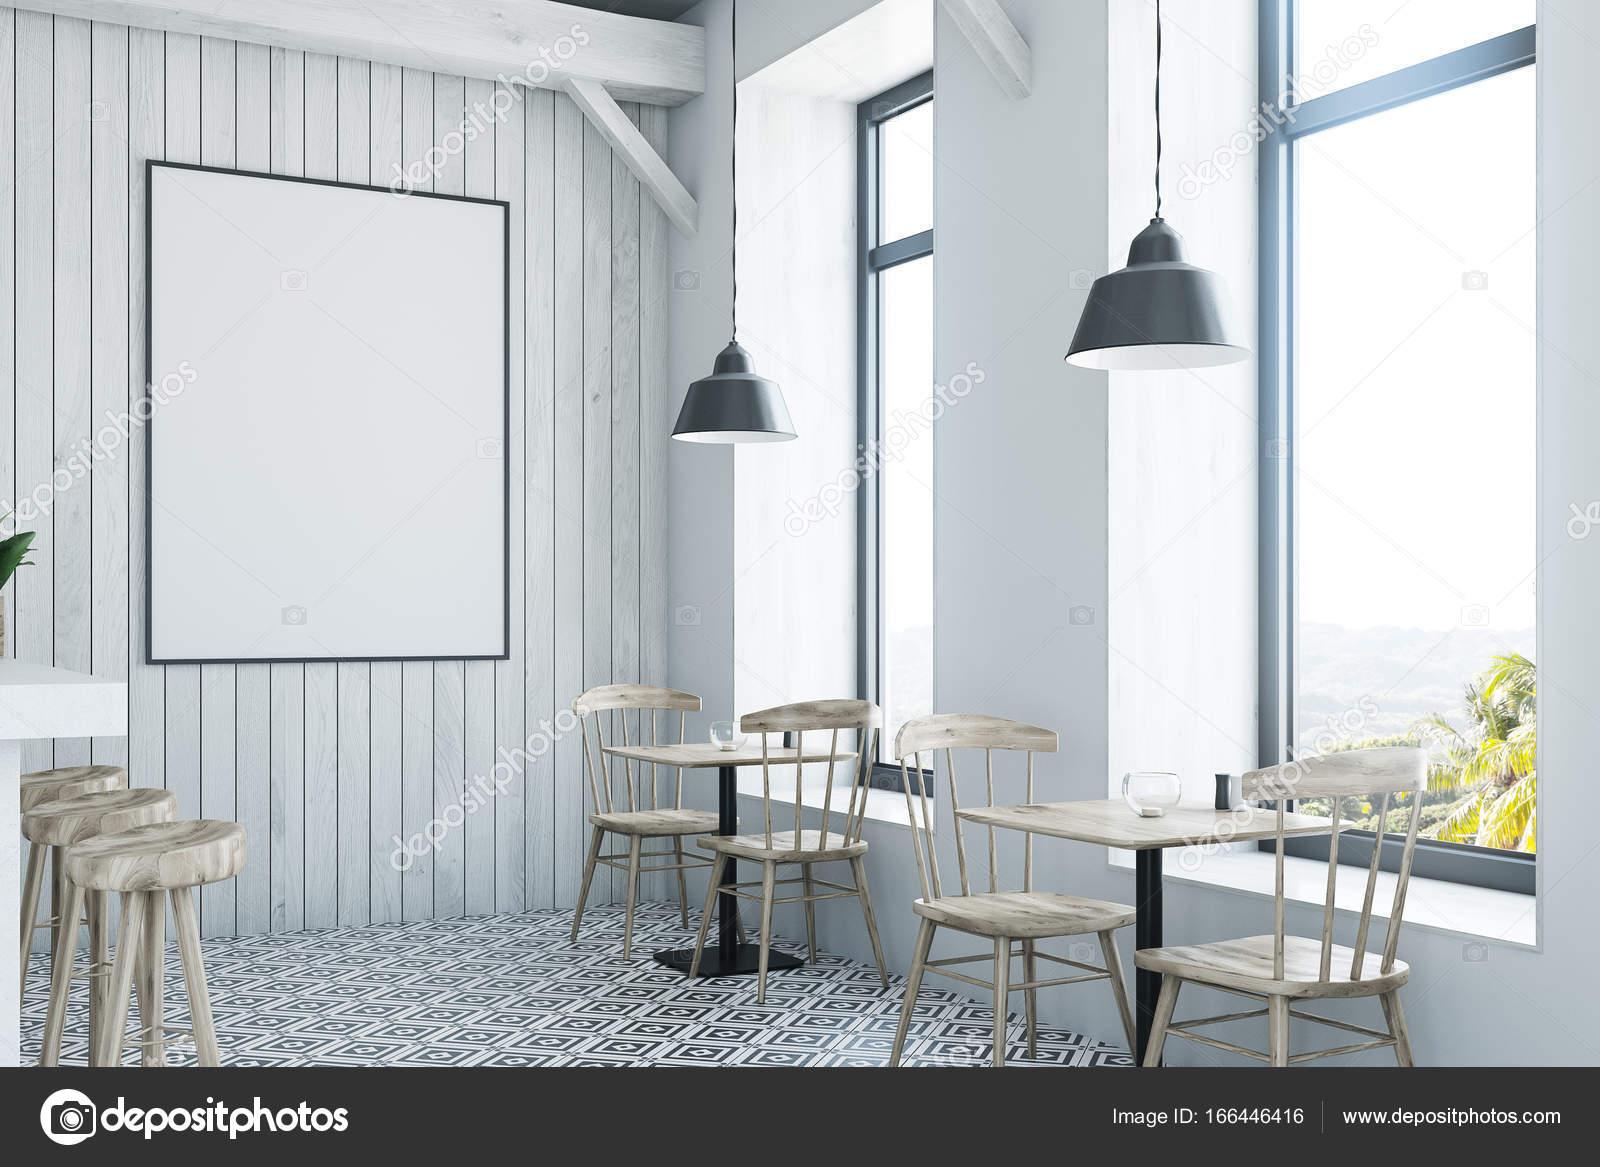 Bar in legno bianco basamento bianco e laterali u2014 foto stock